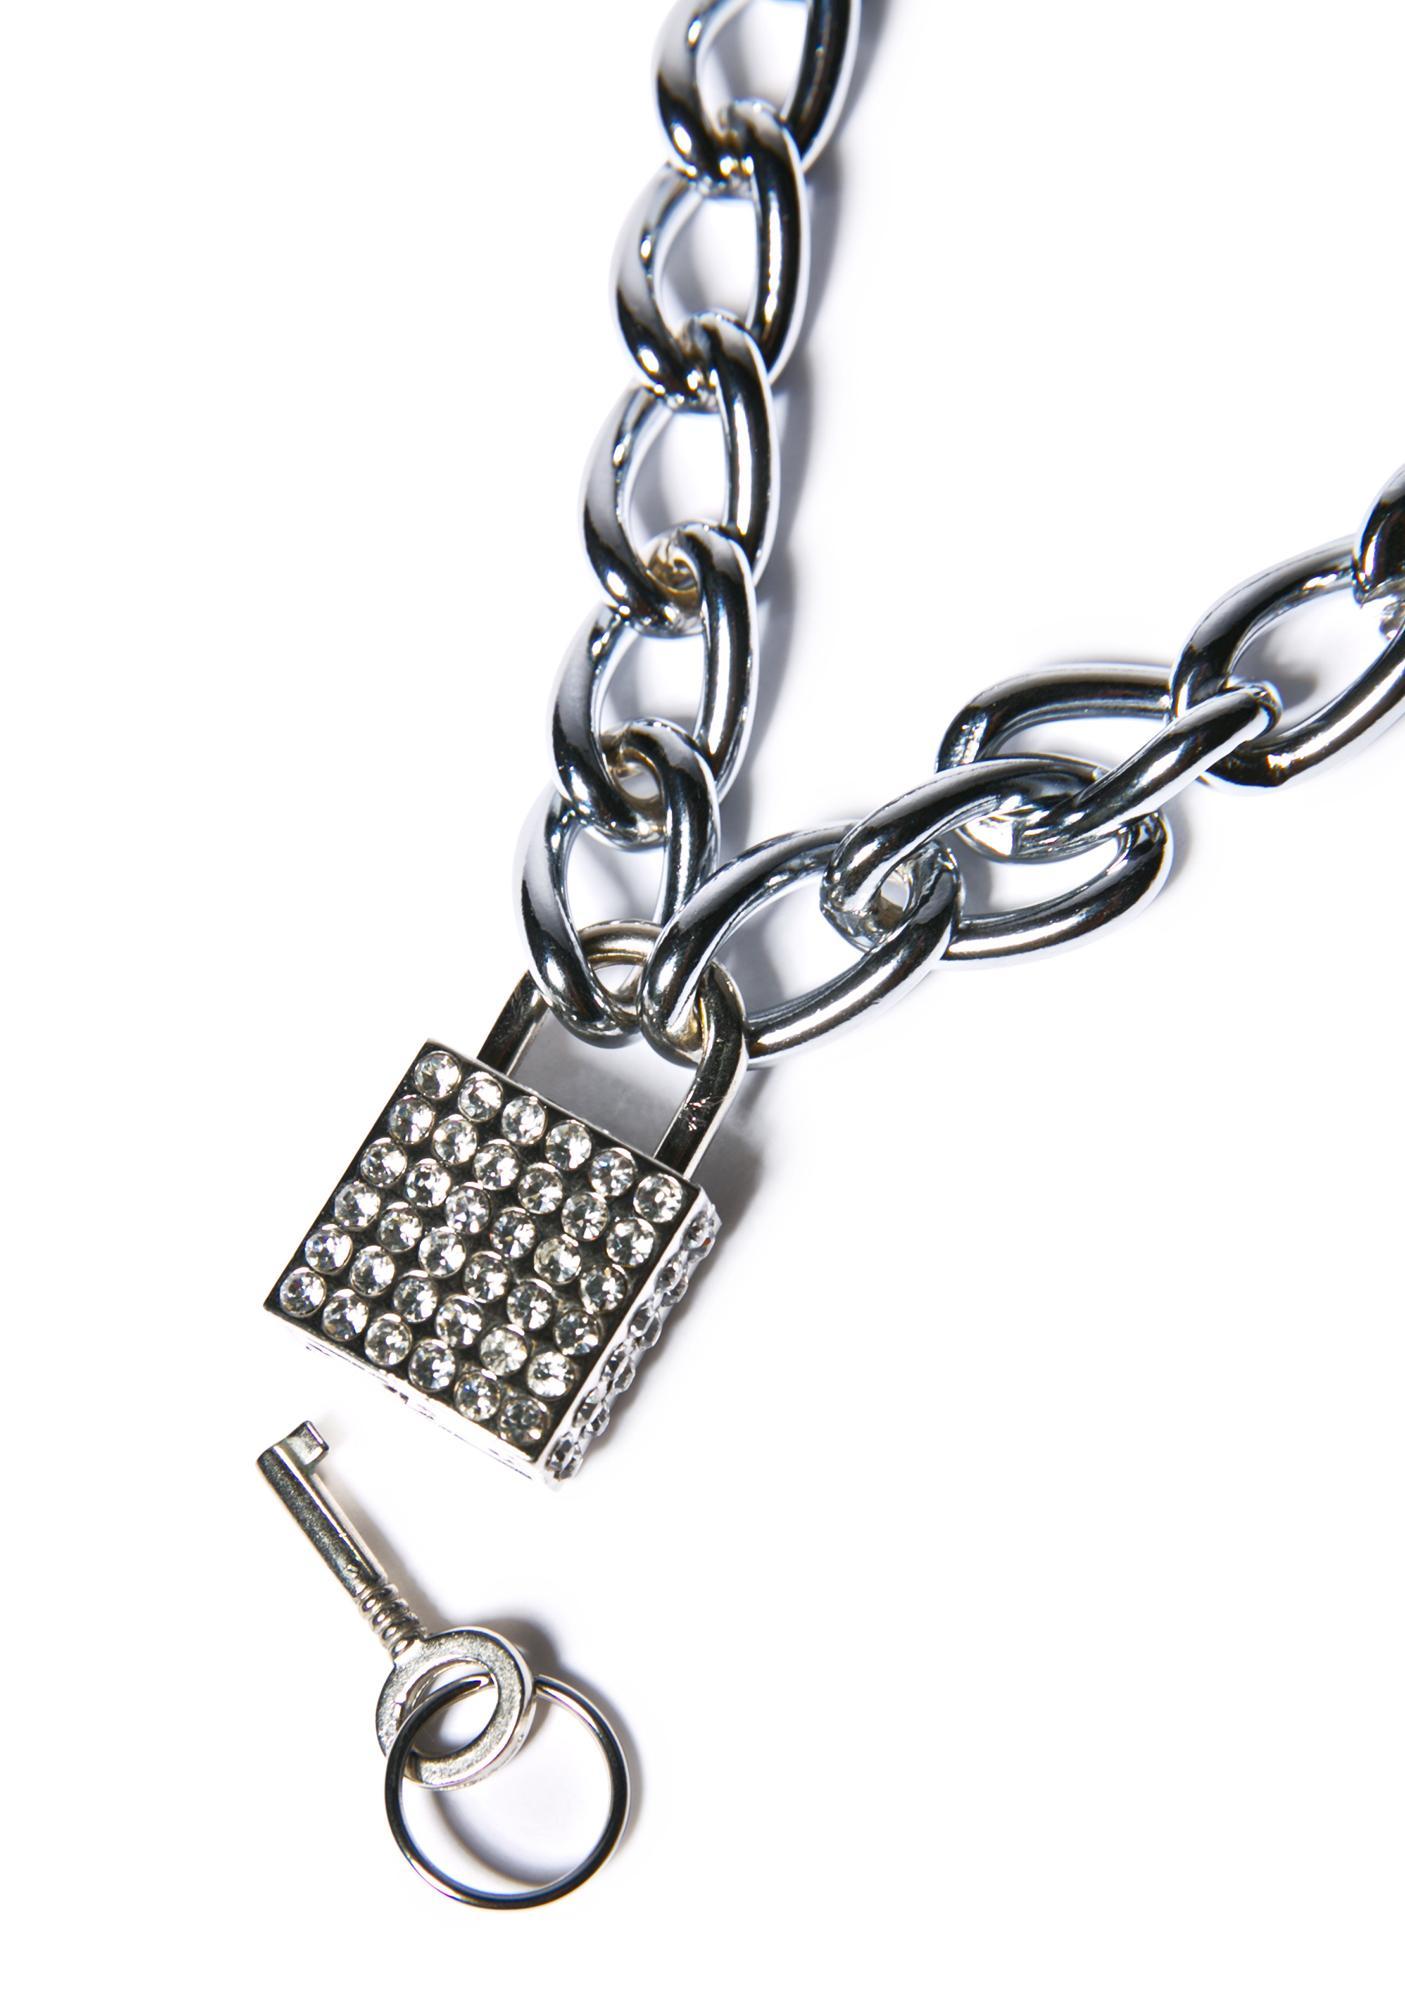 Yankin' My Chain Pendant